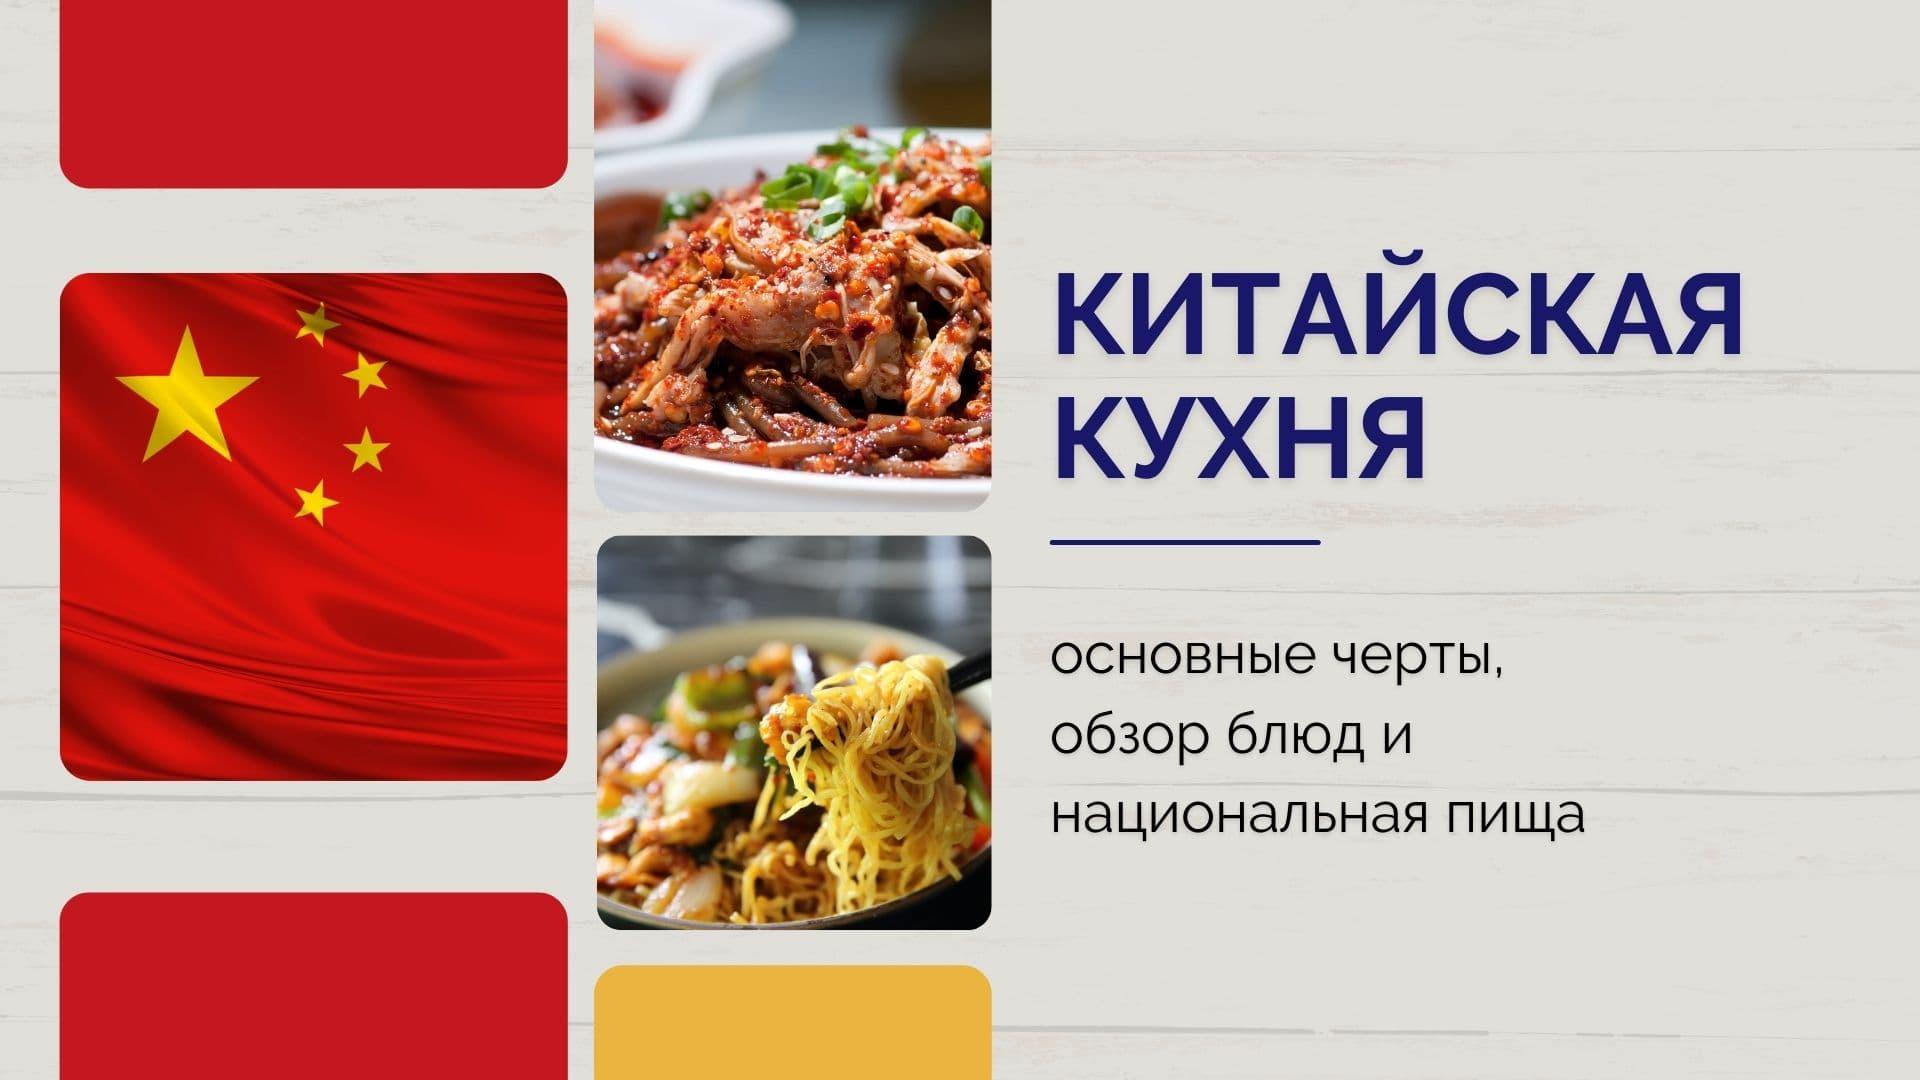 Китайская кухня: основные черты, обзор блюд и национальная пища